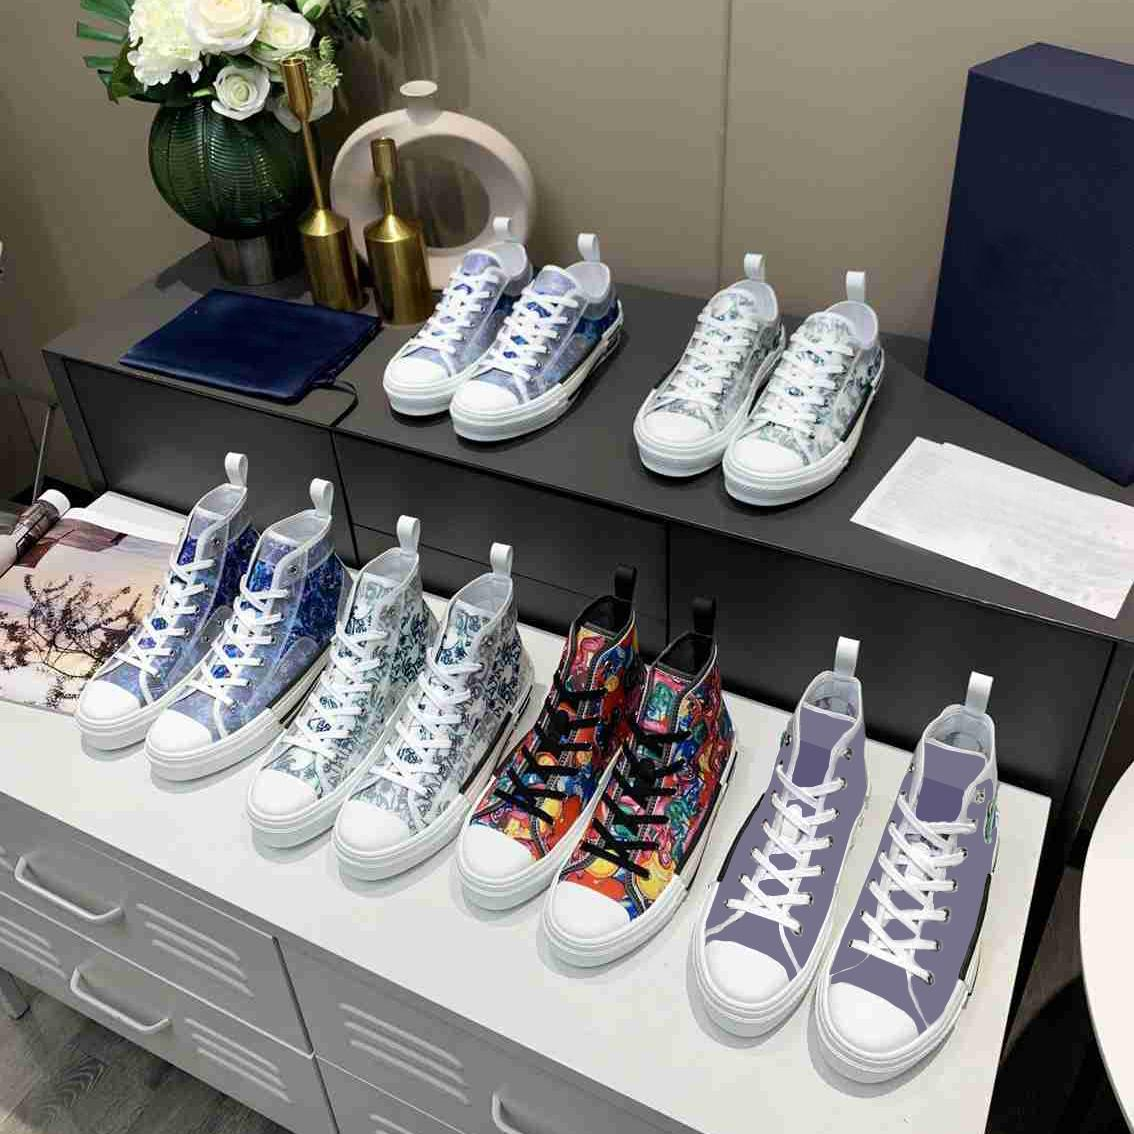 2021 클래식 캔버스 신발 한정판 애호가 인쇄 스 니 커 즈 다기능 다기능 높은 탑 캔버스 신발 원래 포장 구두 상자 크기 35-46